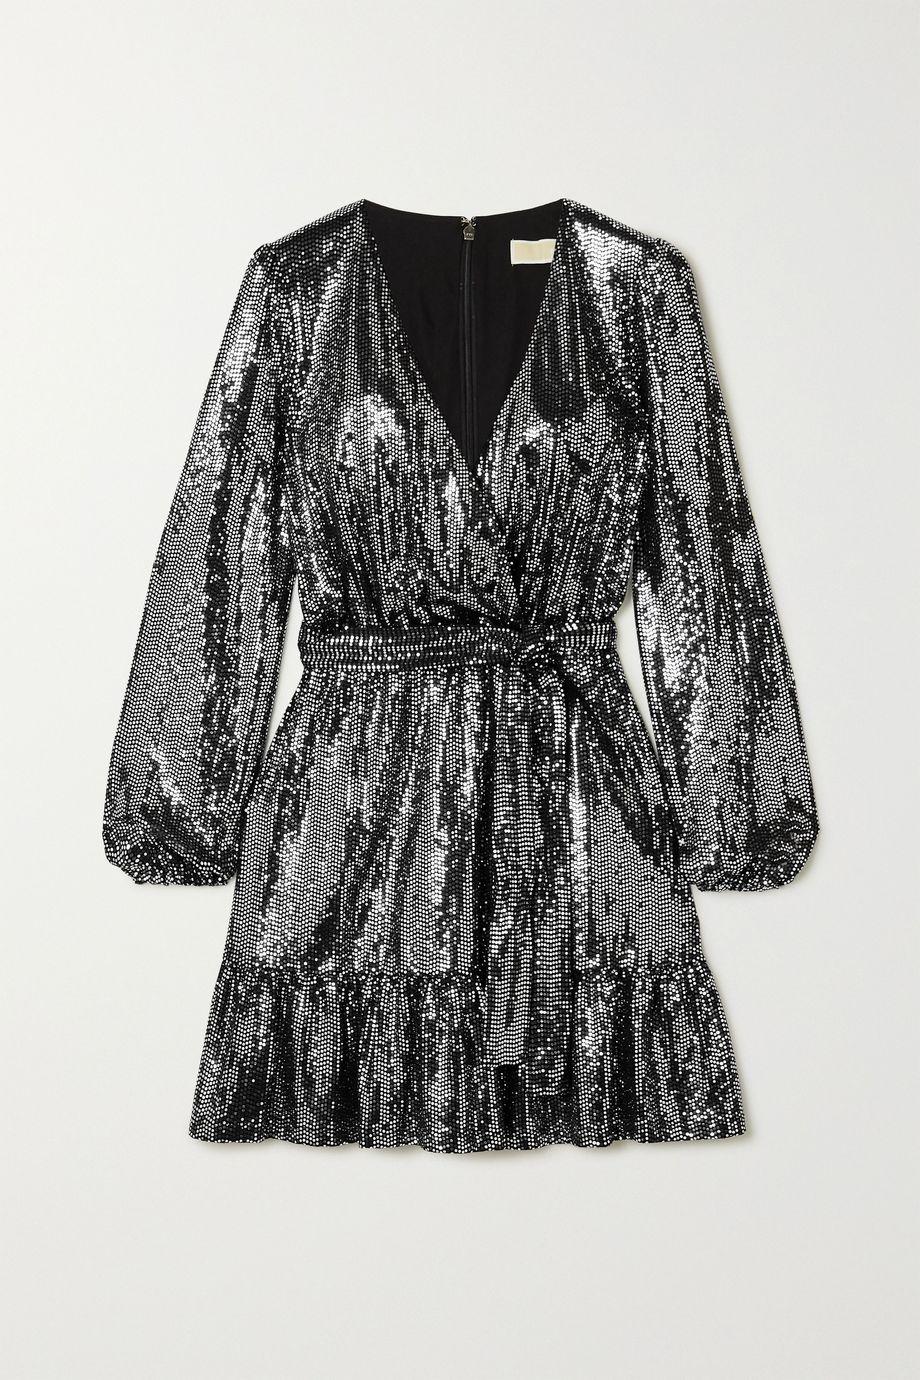 마이클 마이클 코어스 스트레치 저지 원피스 Michael Michael Kors Wrap-effect sequined stretch-jersey dress,Silver